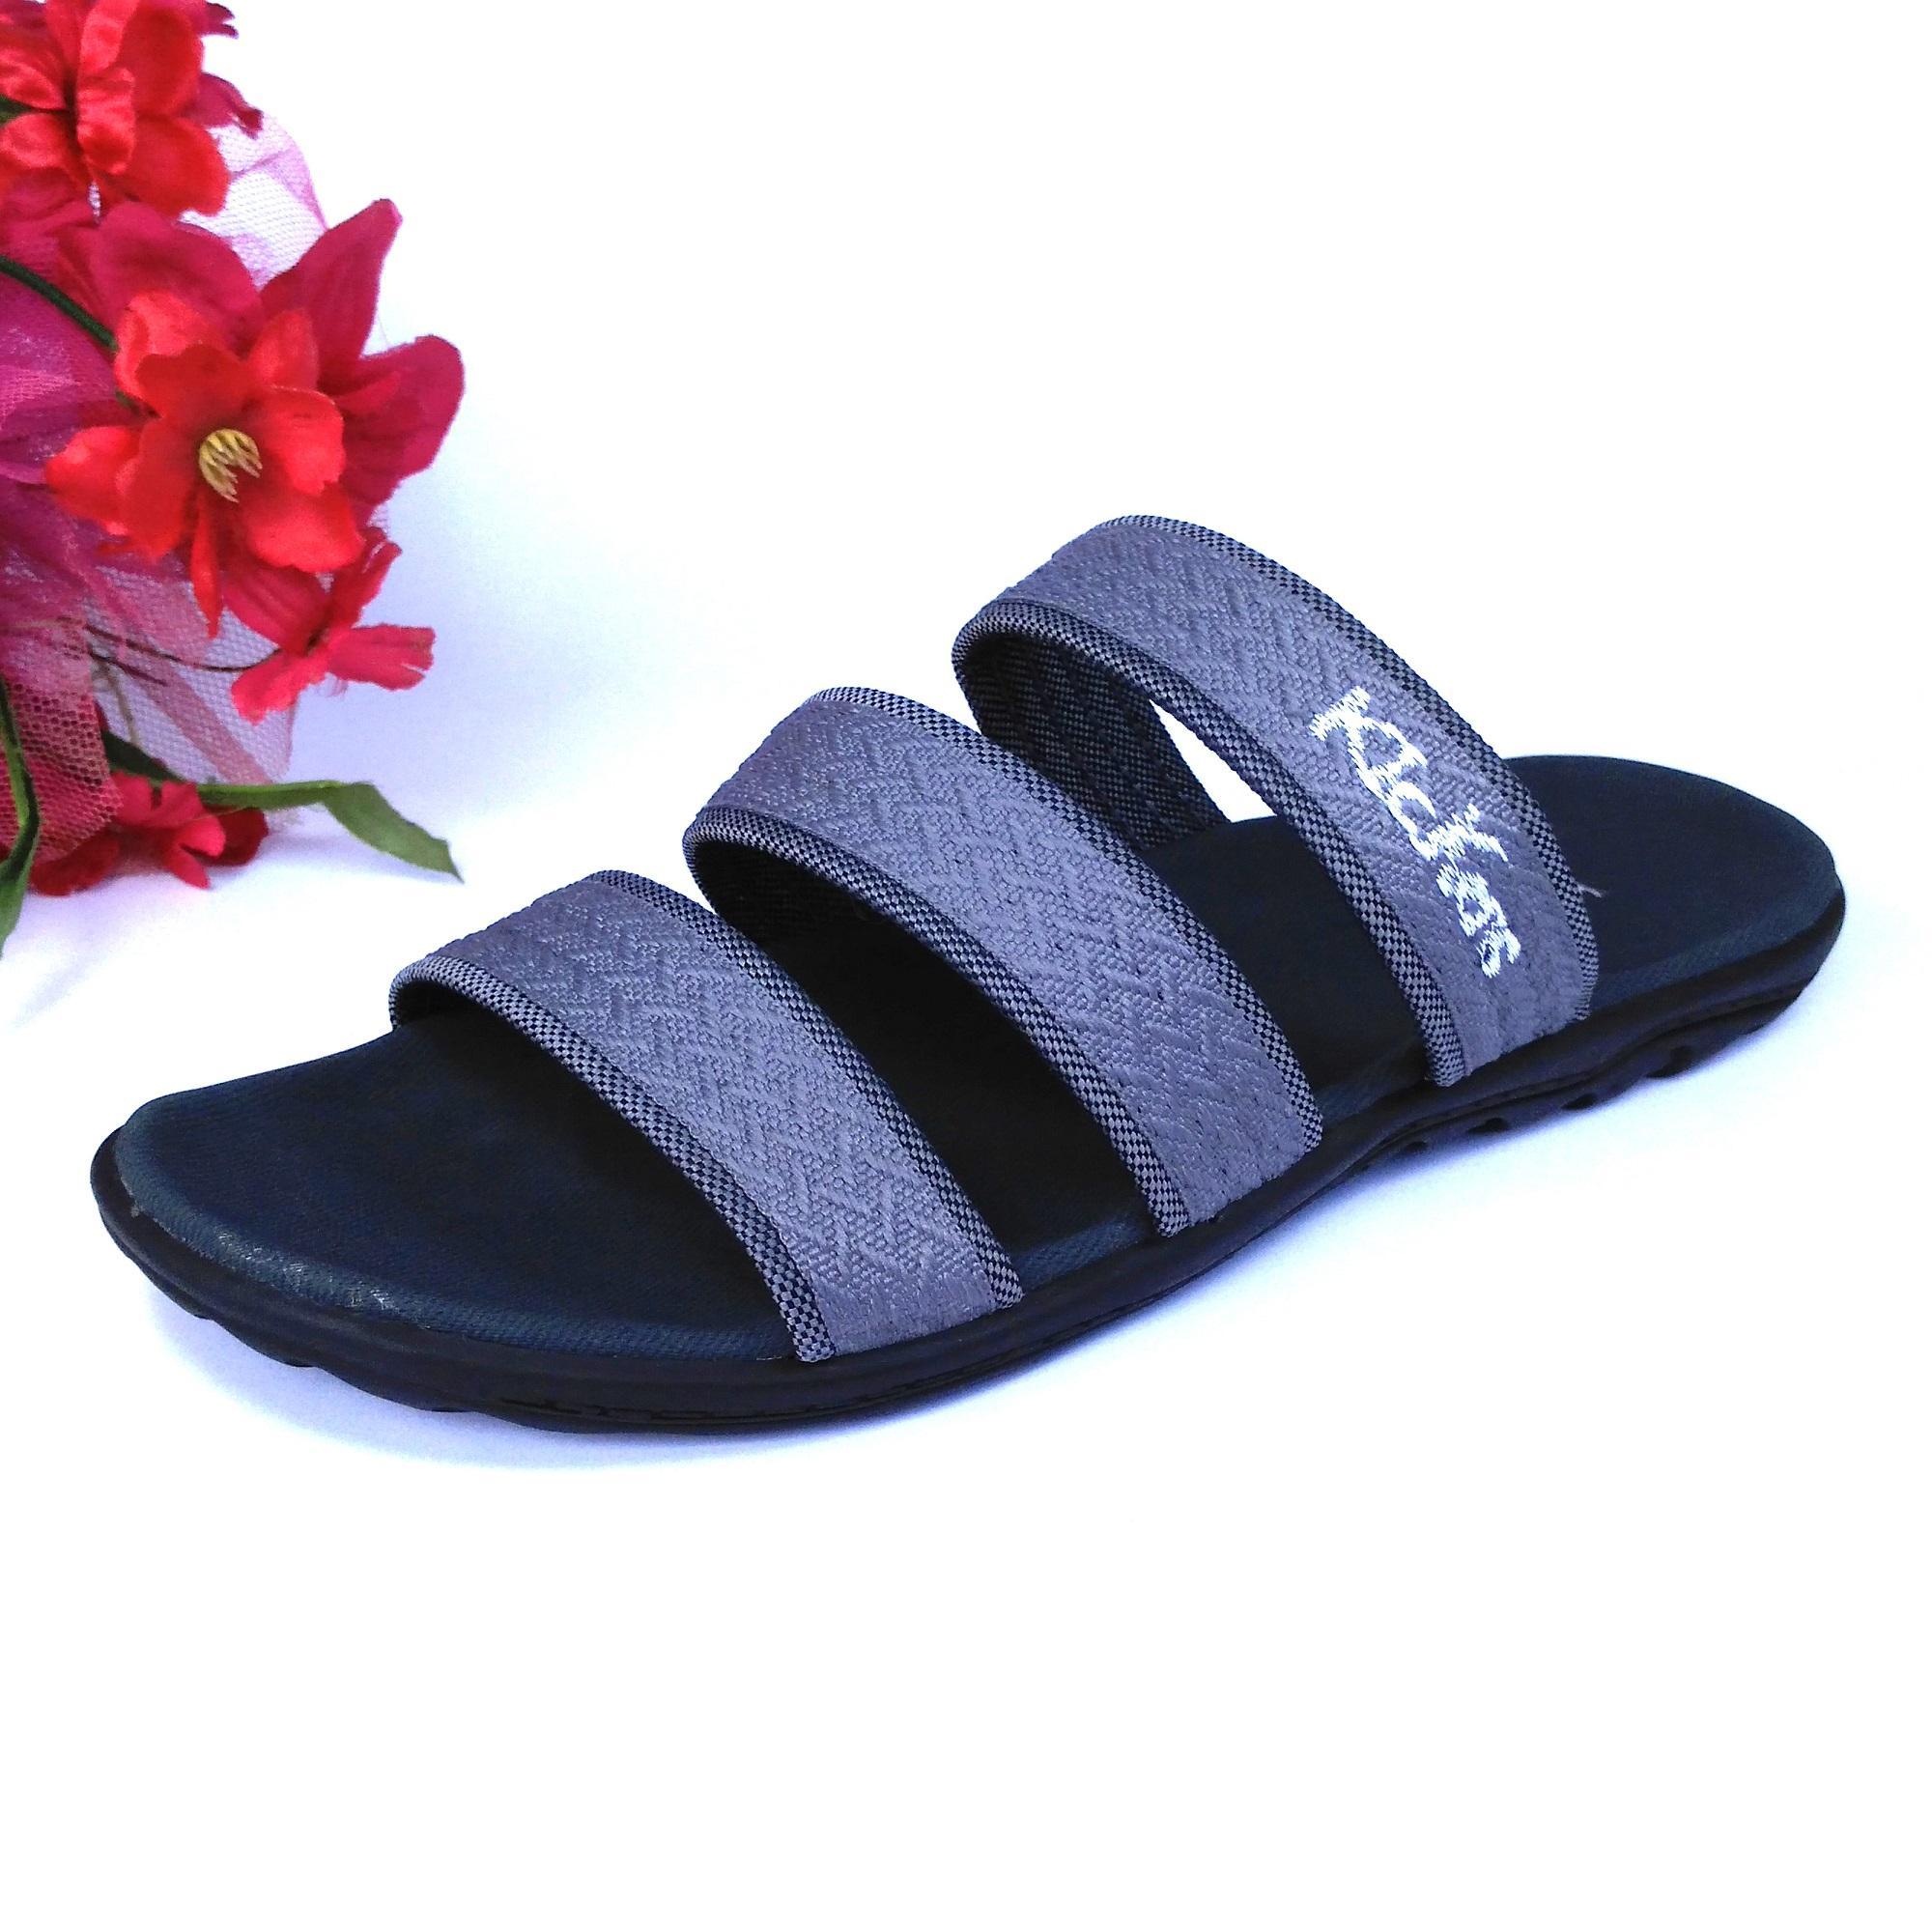 HQo Sandal Pria Terbaru Sandal Gunung Sepatu Sandal Pria Murah Sandal Kulit Pria Sandal Casual Sandal Selop Sandal Jepit Fashion Pria Sandal